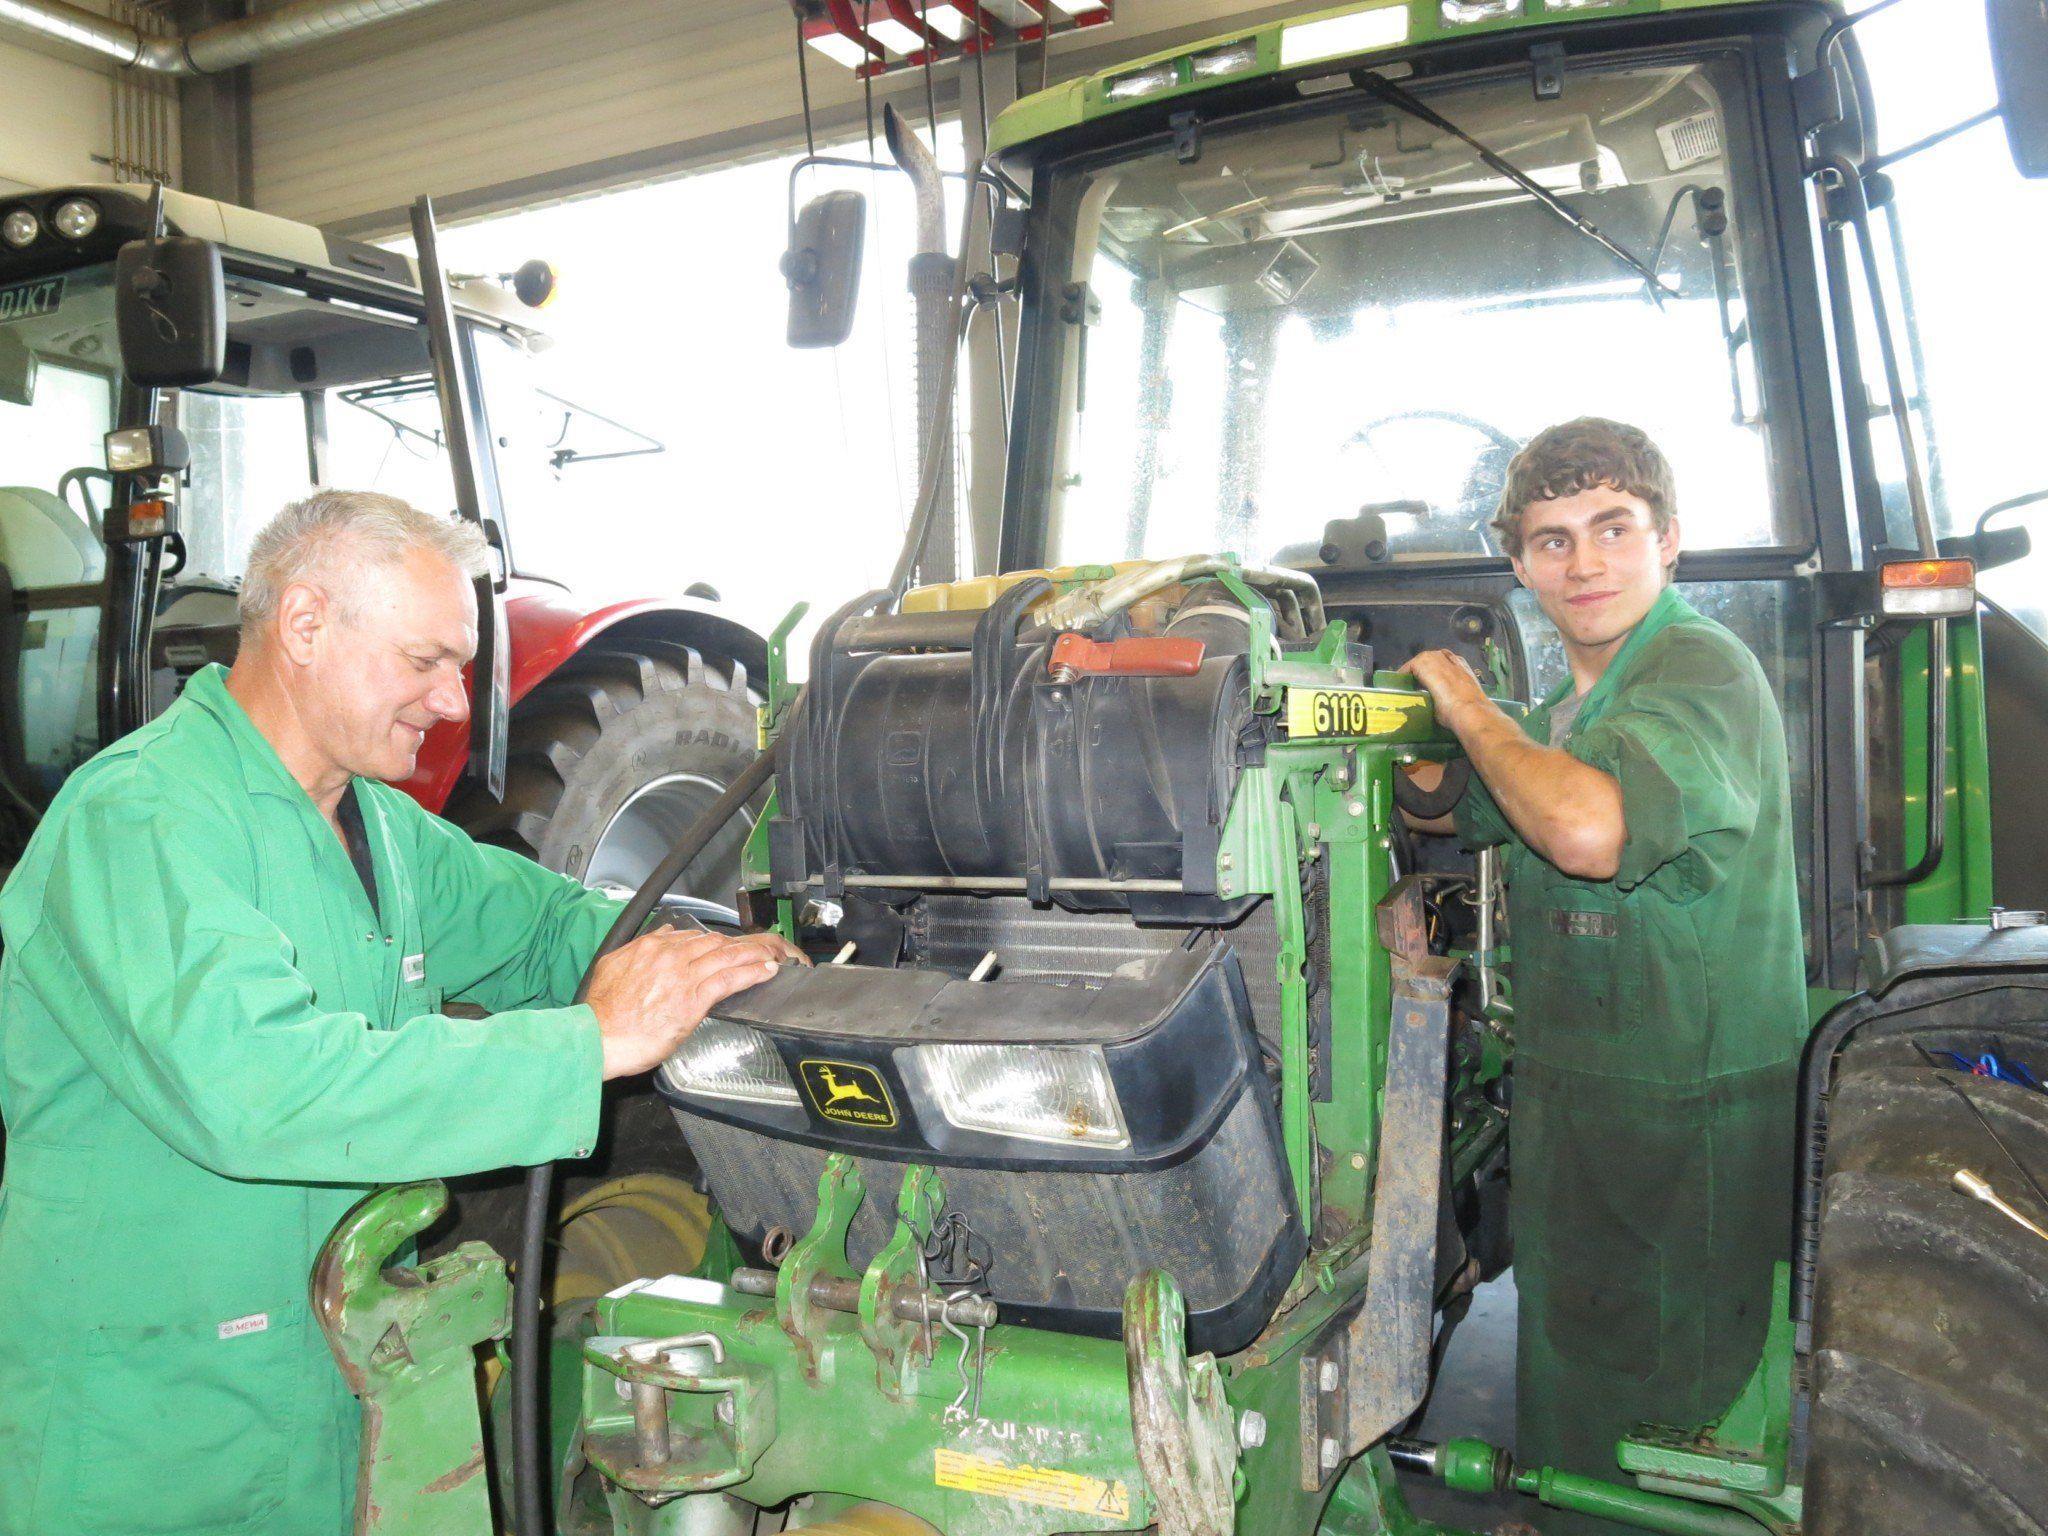 Bei der Reparatur einer Landmaschine darf es zu keinen Verzögerungen kommen.